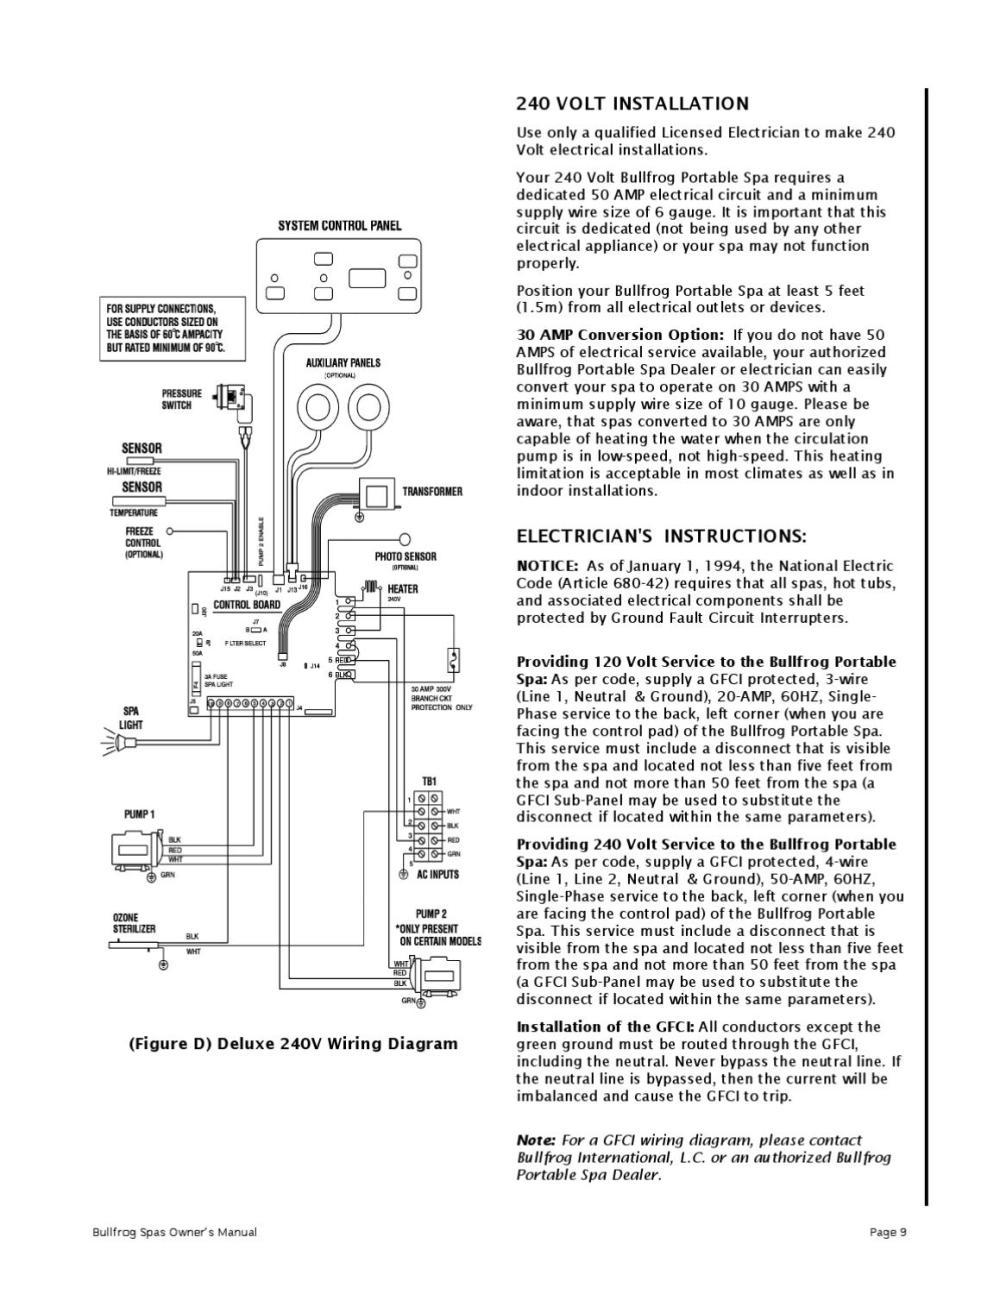 medium resolution of bullfrog spa owners manual 1999 by envirosmarte hot tubs swim spas issuu